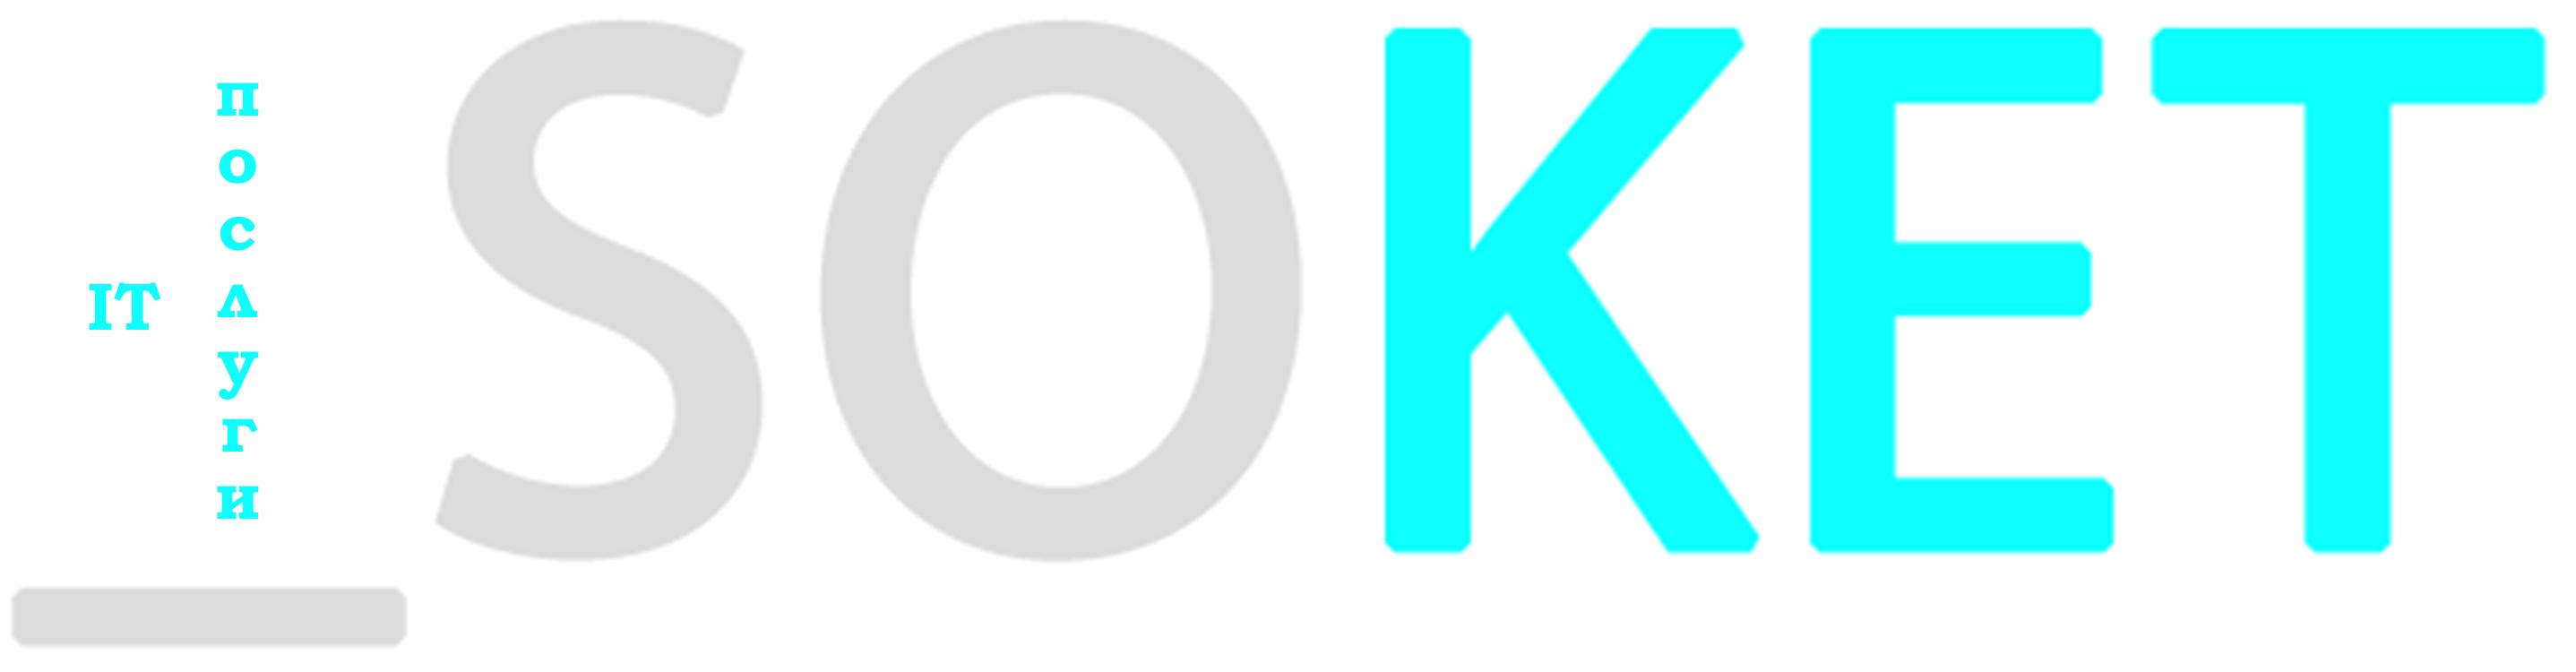 SOKET - IT послуги, обслуговування комп'ютерів та серверів, зображення 1